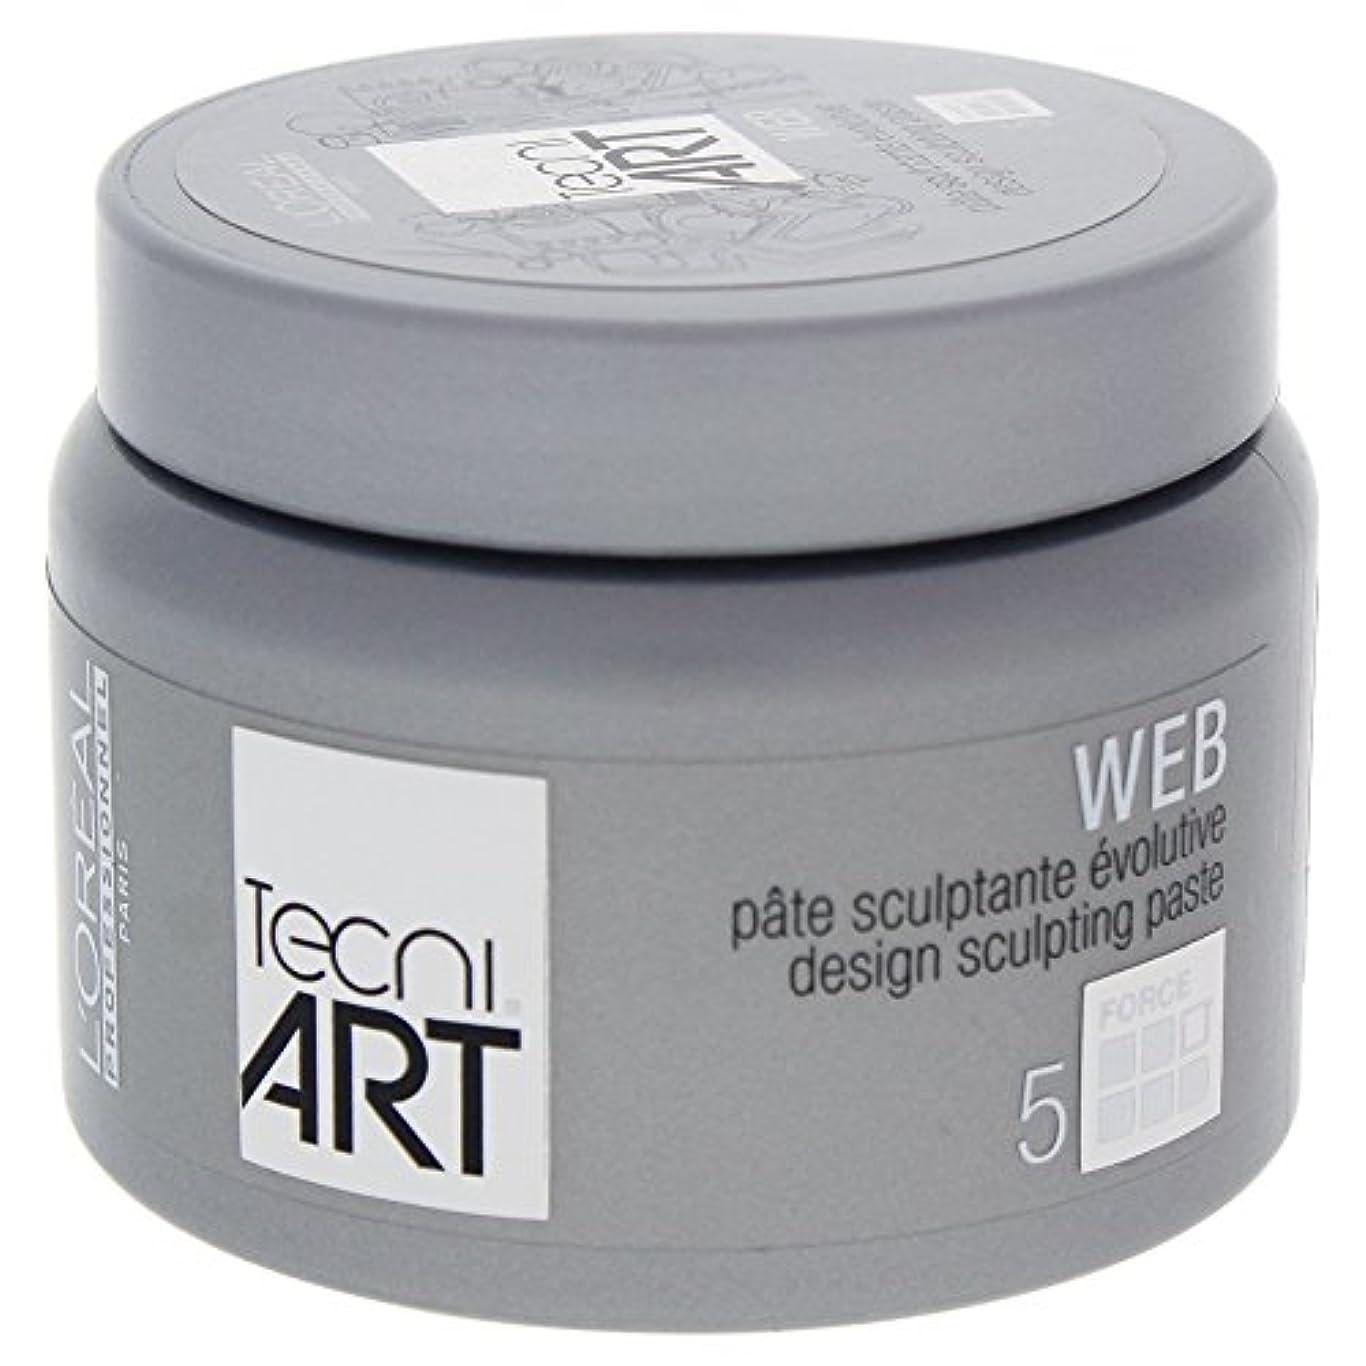 アーサー保育園評価可能ロレアルテクニアートTecni Art Force 5 Web Design Sculpting Paste